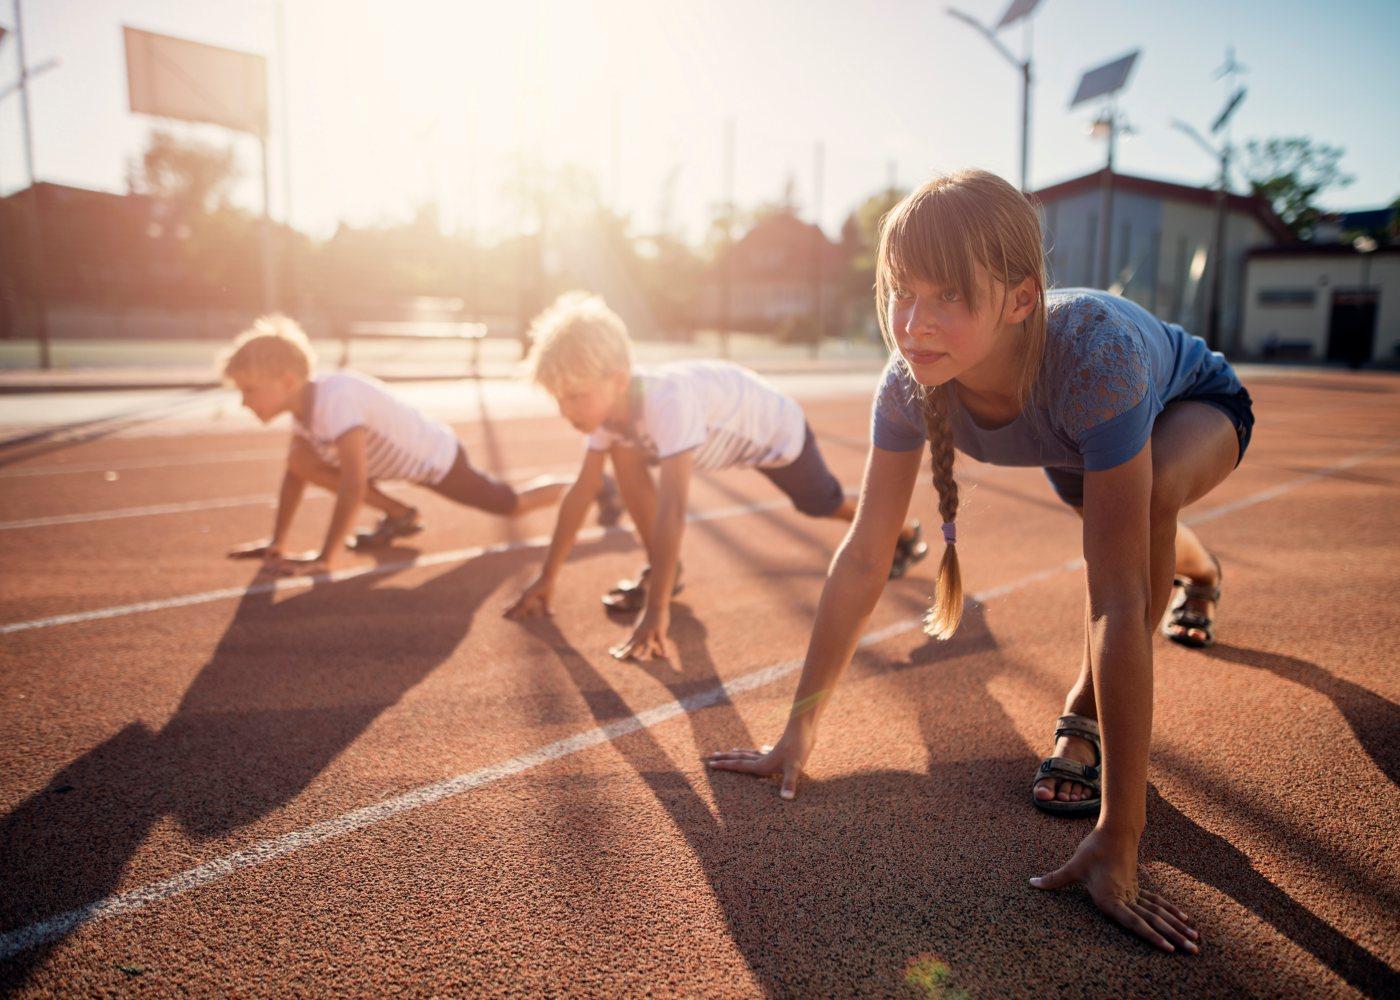 alunos na aula de educação física a praticar atletismo